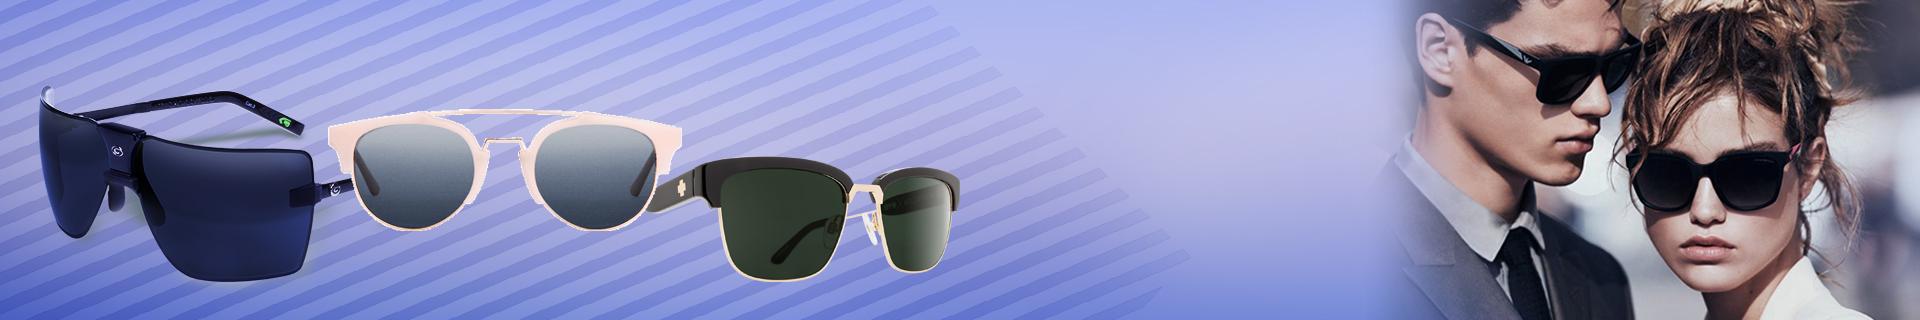 2e73cdaa69615 ᐅ Les meilleures lunettes de soleil pour homme Dior